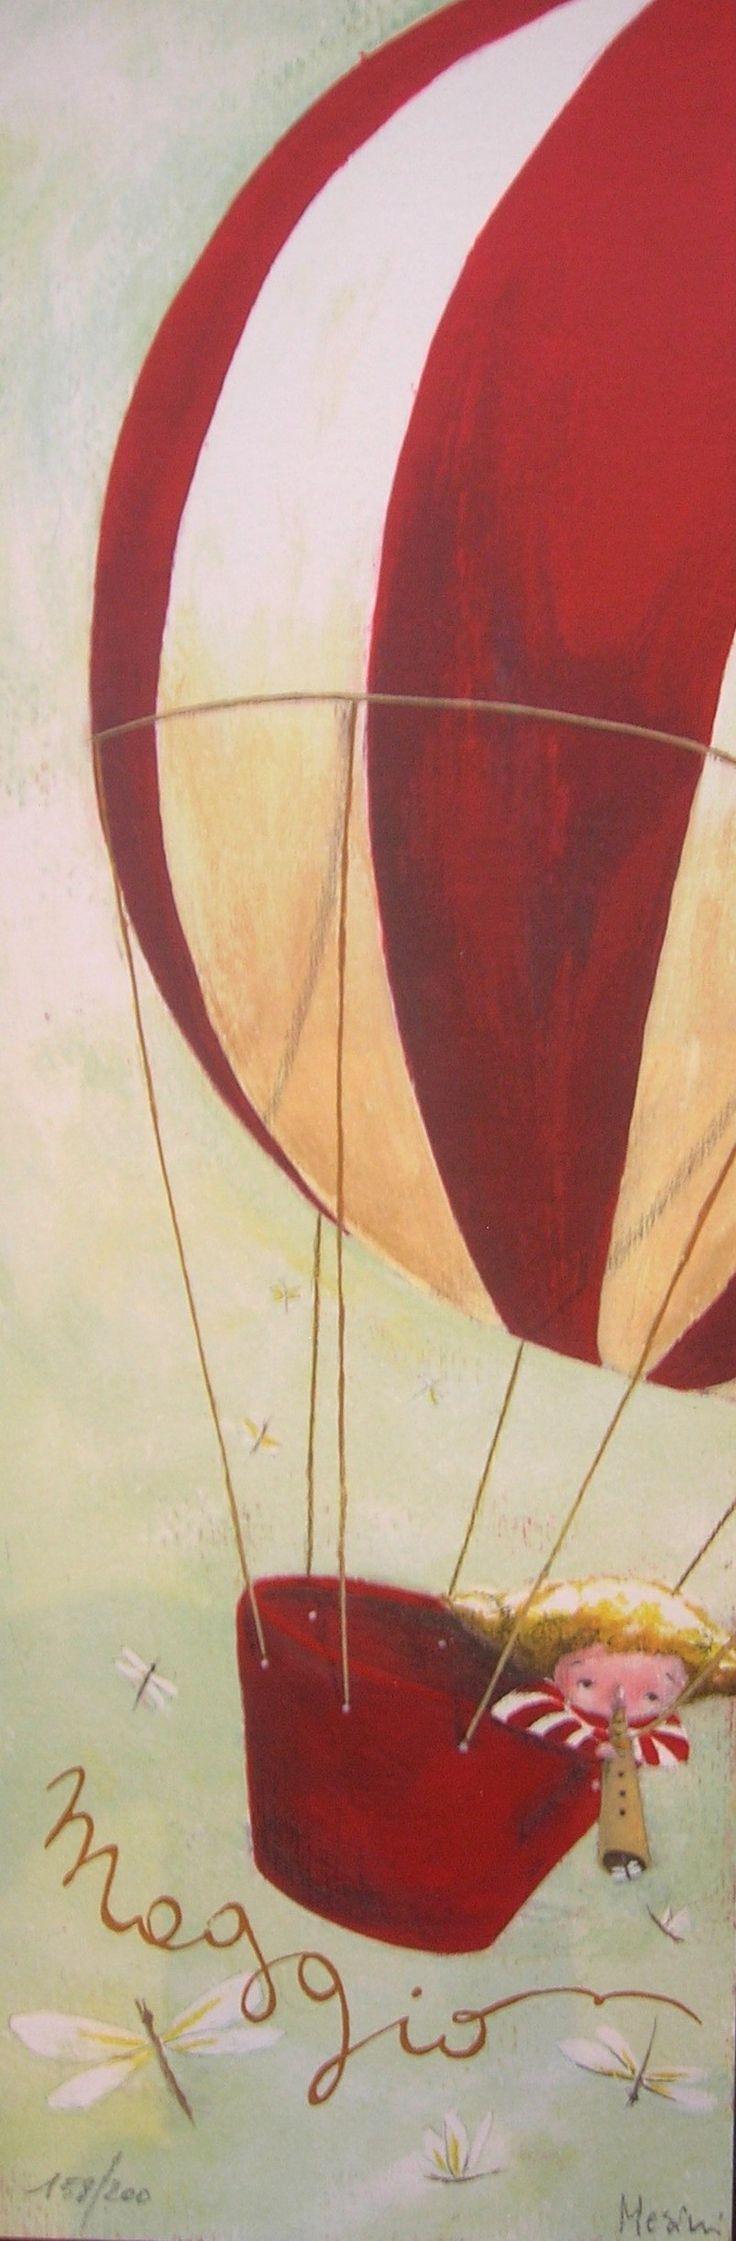 I 12 sogni di MU - Maggio http://www.galleria-galp.it/shop/index.php/artisti/muriel-mesini/i-12-sogni-di-mu-maggio.html